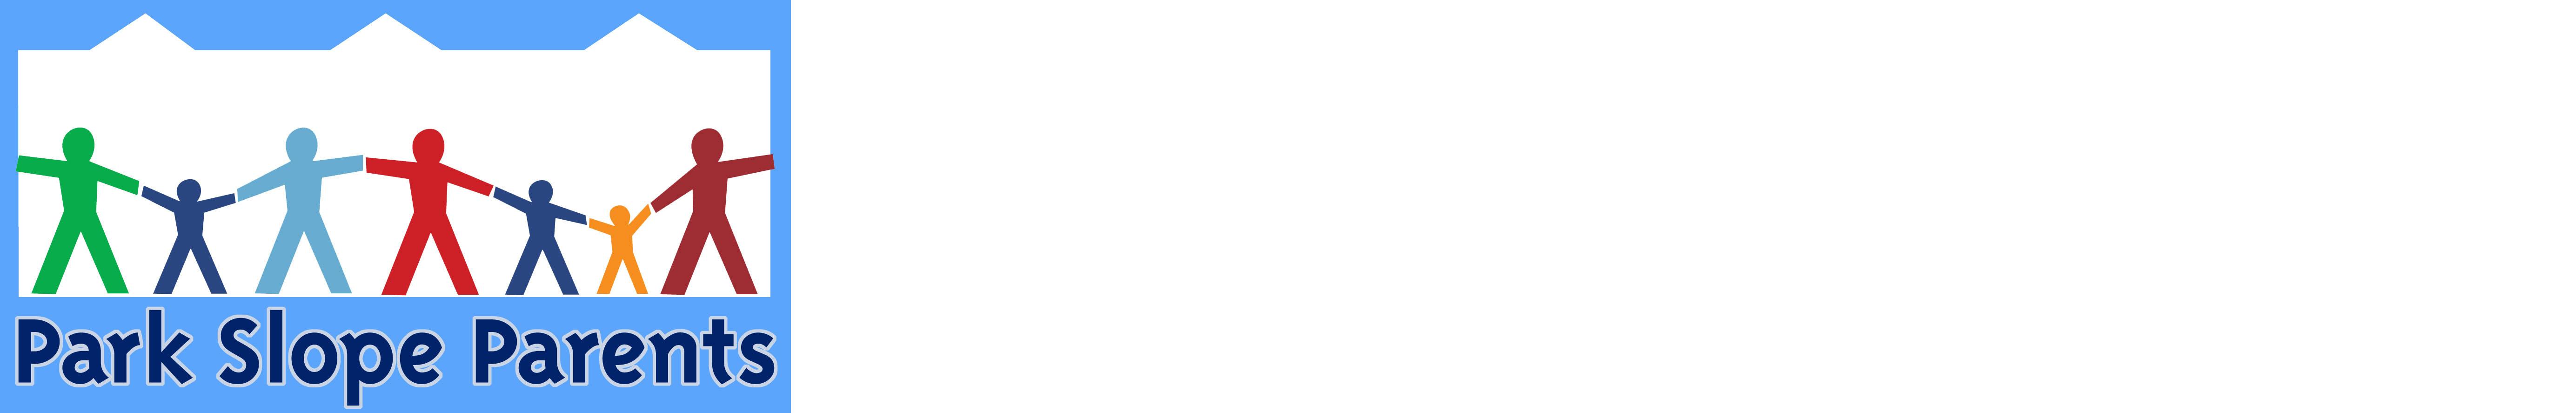 Park-Slope-Parents-logo-2154.jpg#asset:58778